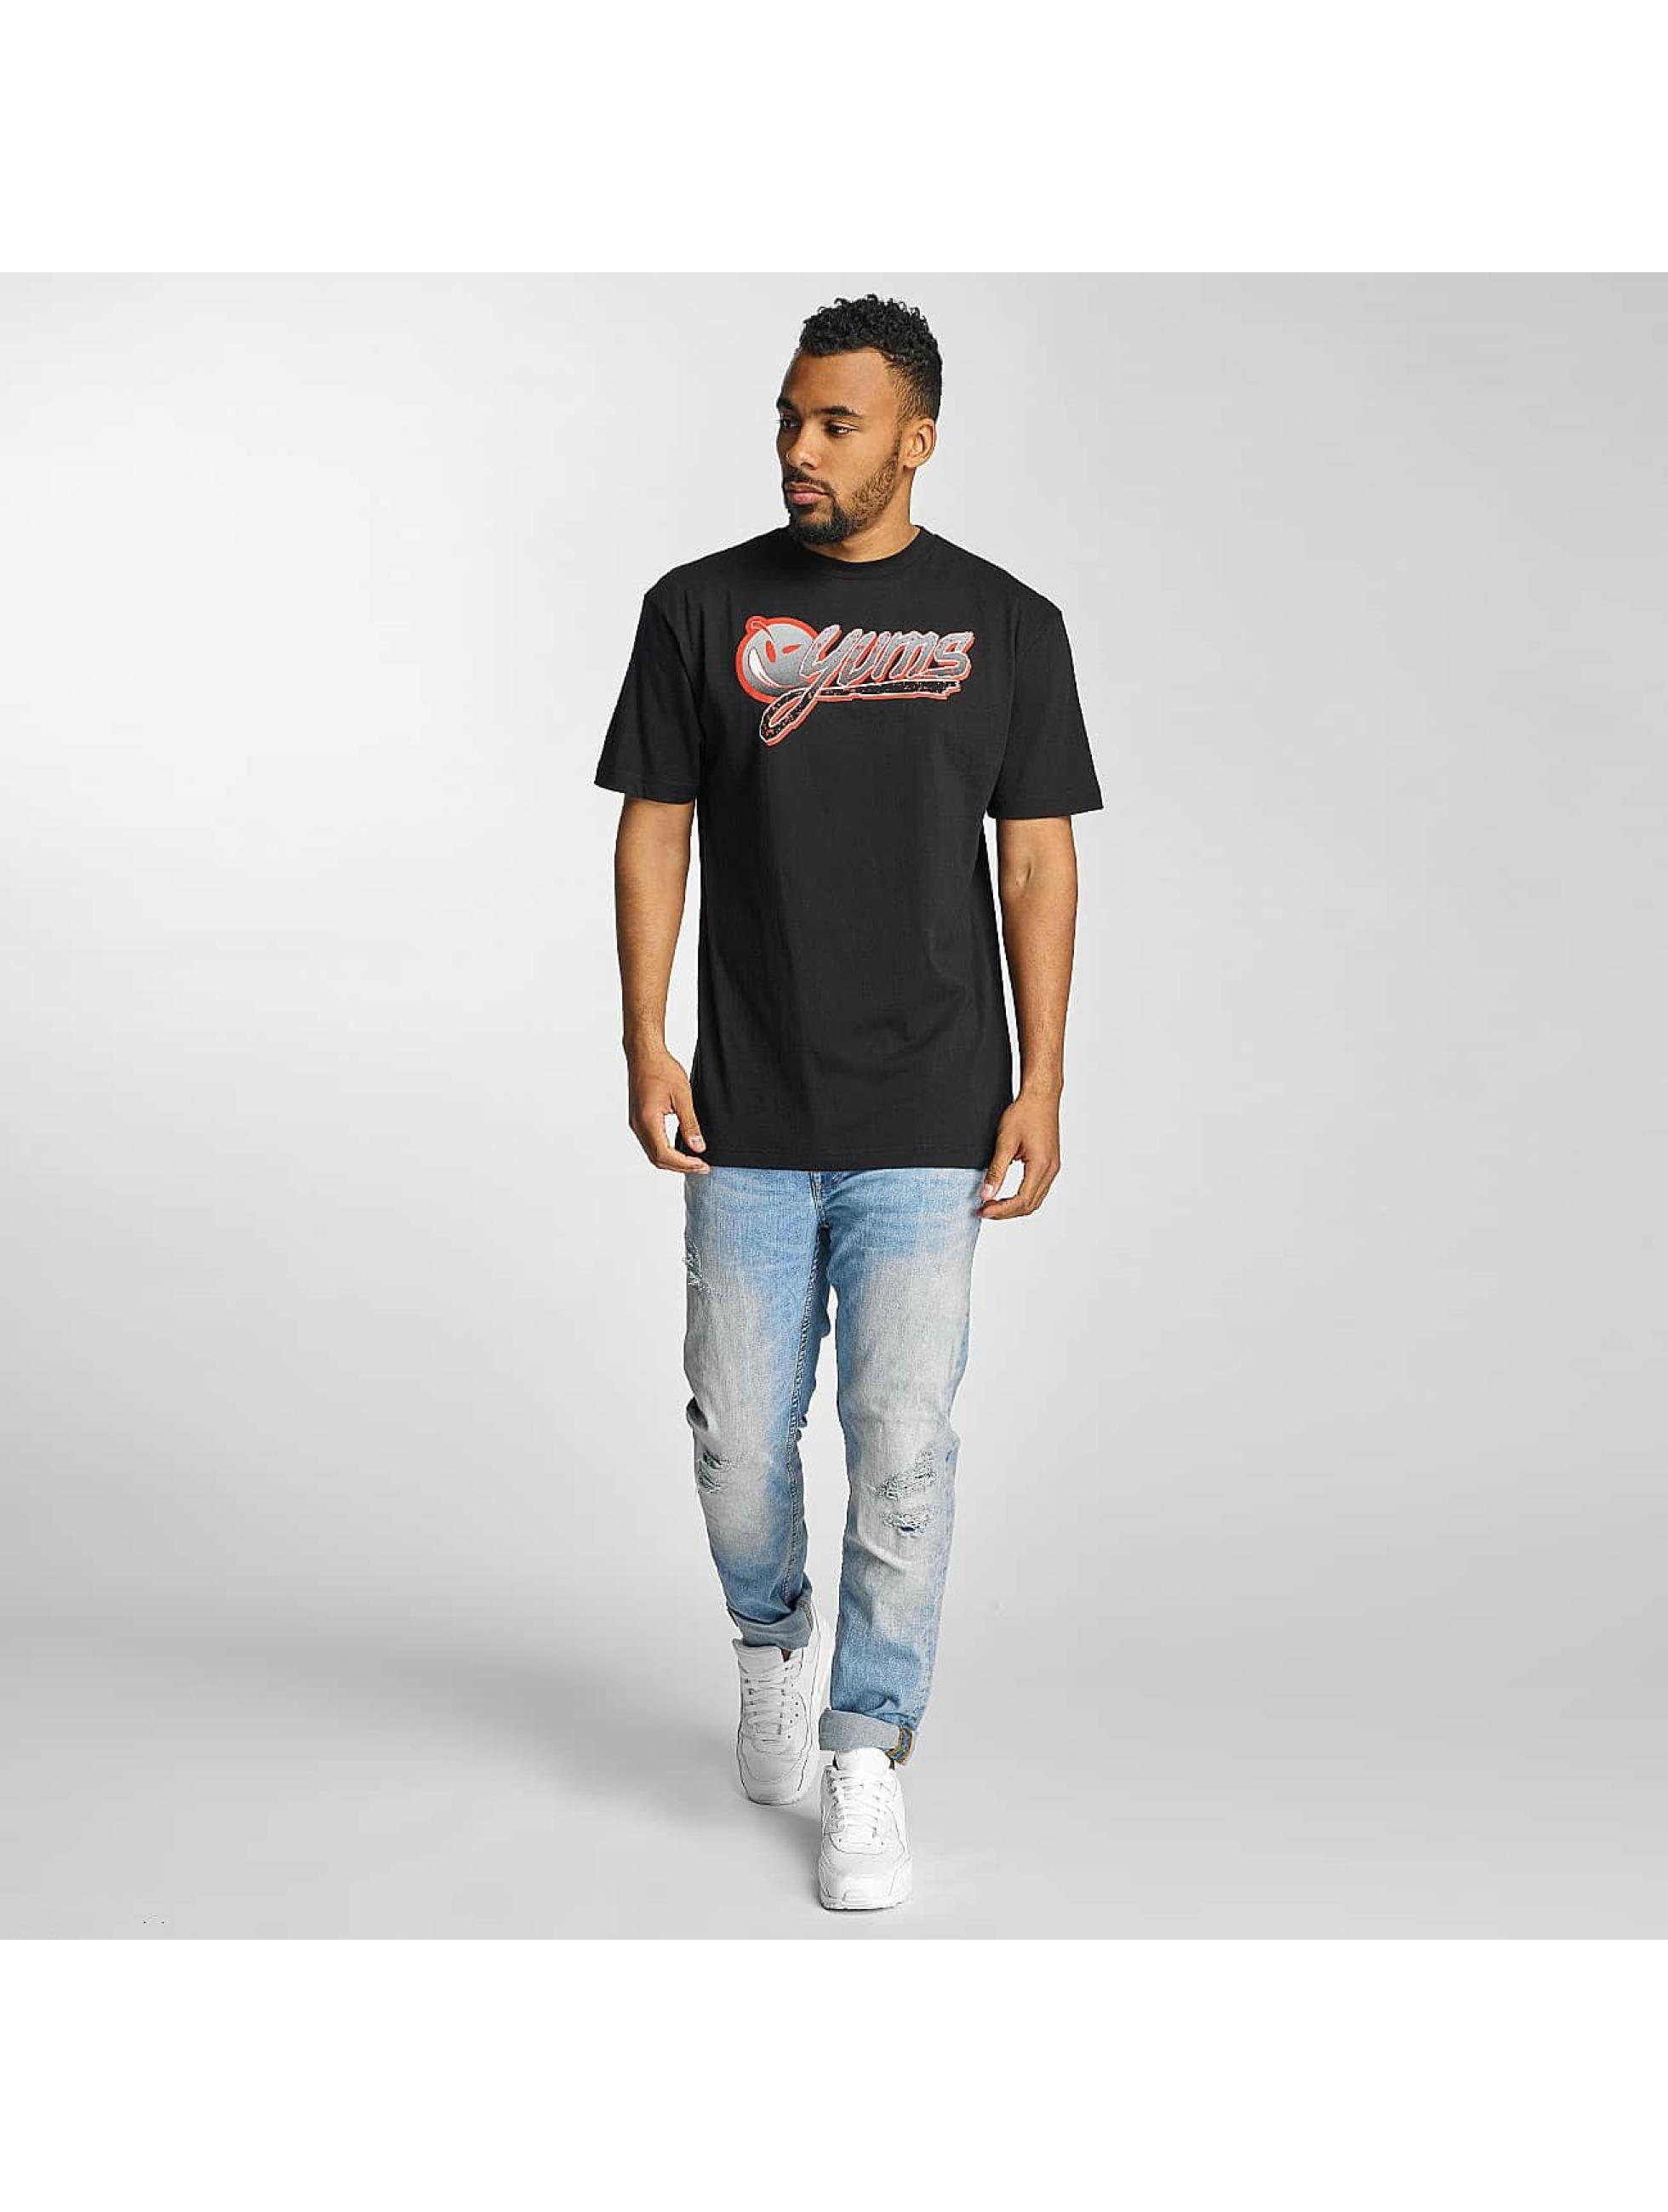 Yums T-skjorter Wild Splatter svart